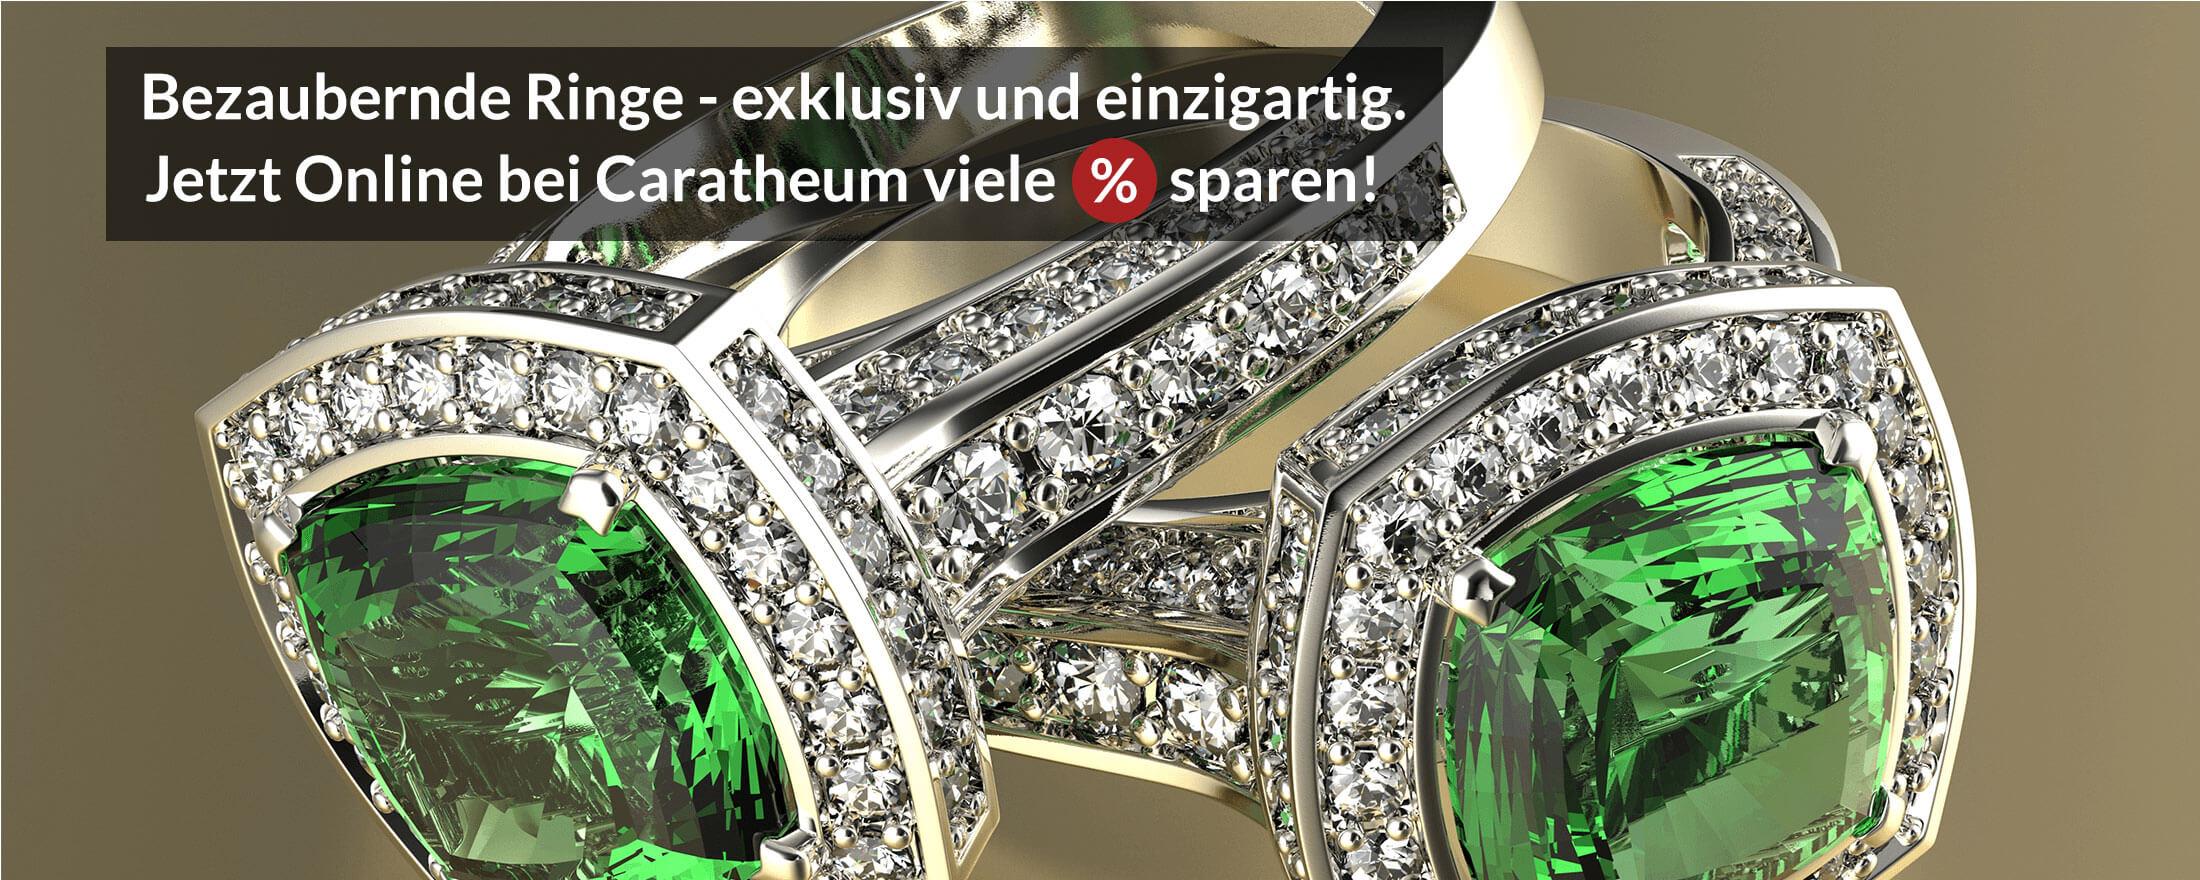 Saphir Ringe - einzigartige Edelsteine